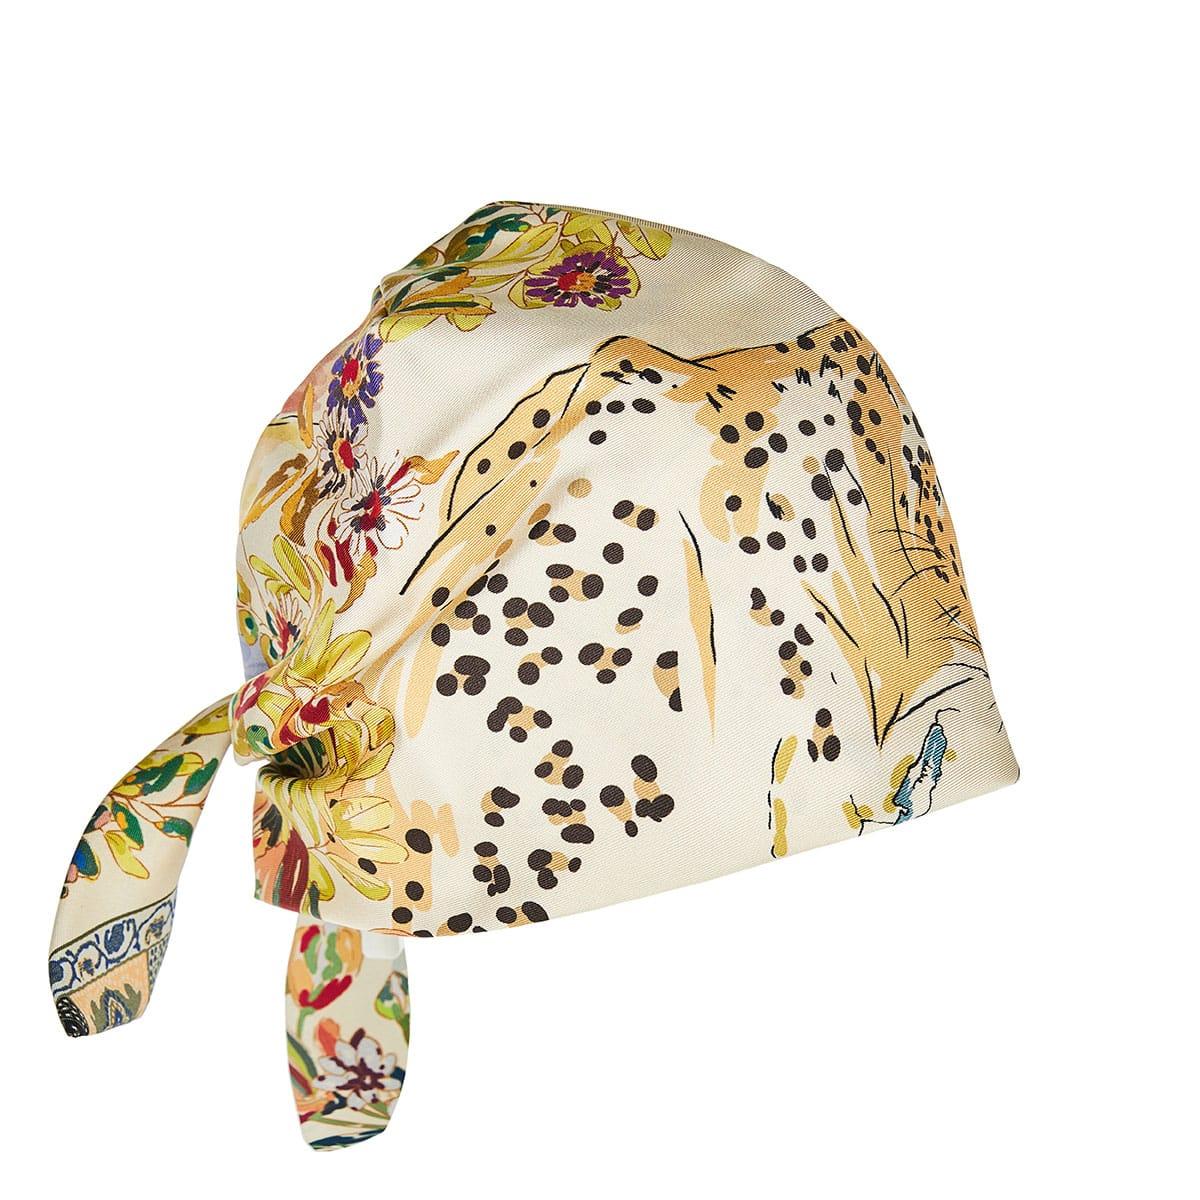 Printed silk turban